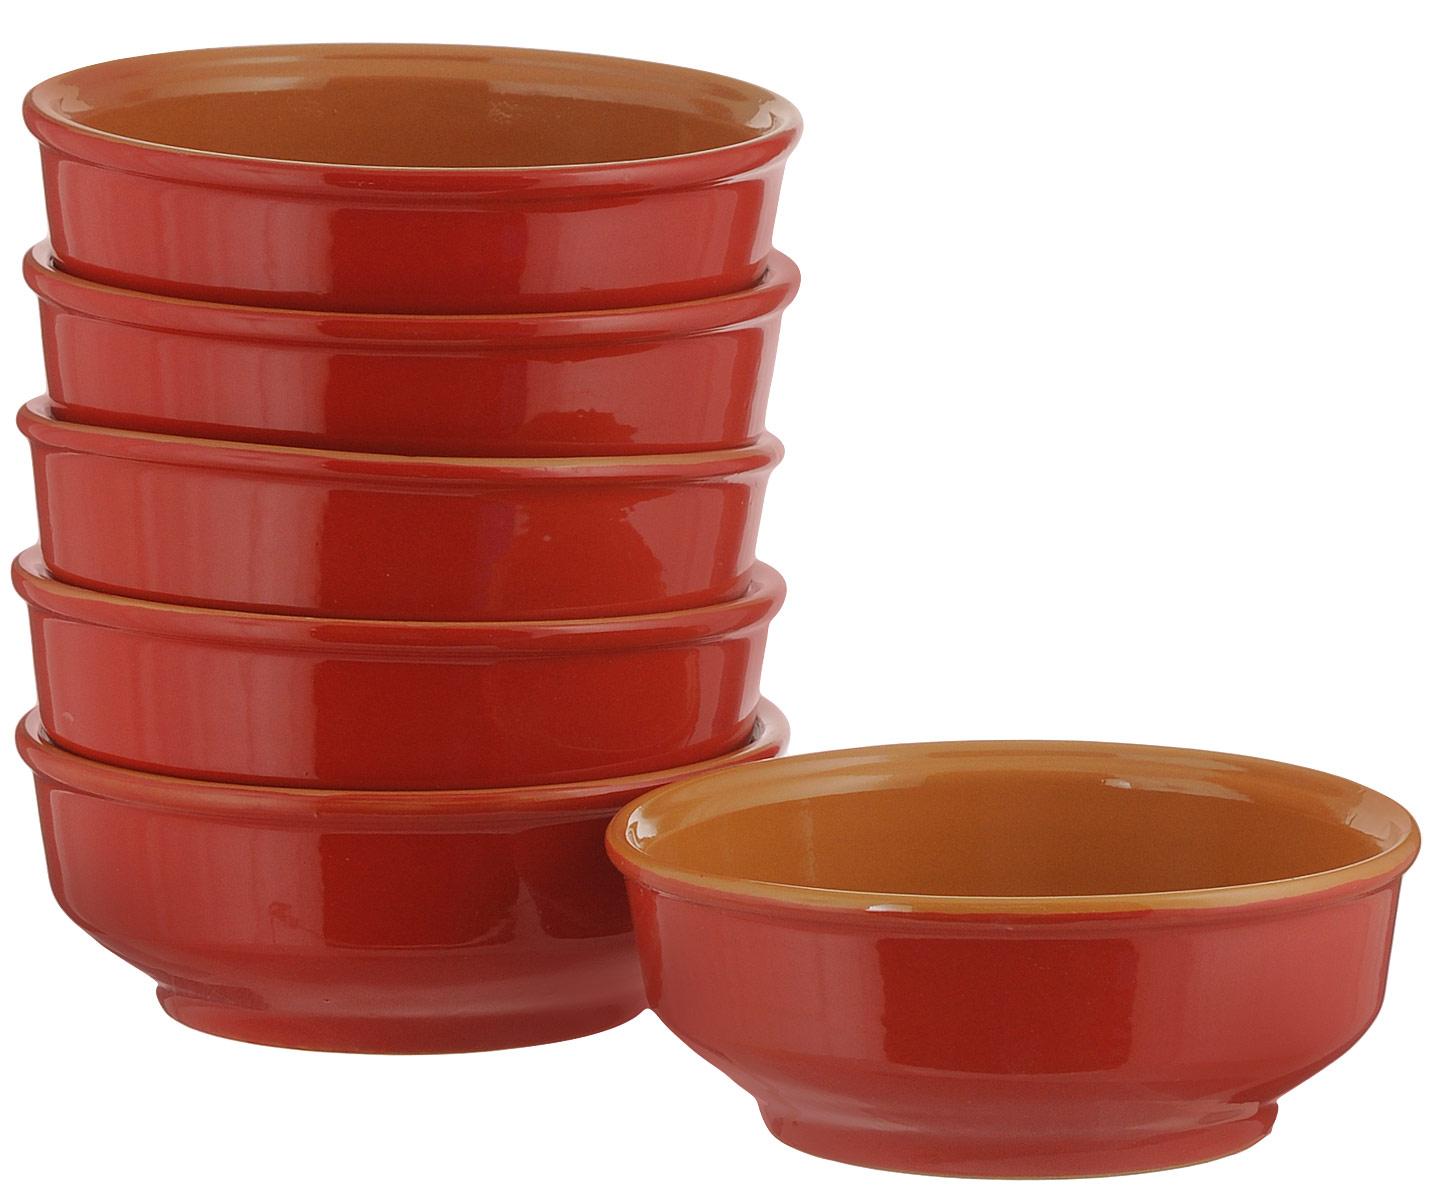 За основу создания изделия была взята форма посуды из музея славянской древности. Удобная миска для сервировки стола, подачи блюд и запекания в духовке. Порционный объем 0,5 литра. Миски можно ставить одна в одну. Один из самых лучших вариантов для подачи первых блюд.